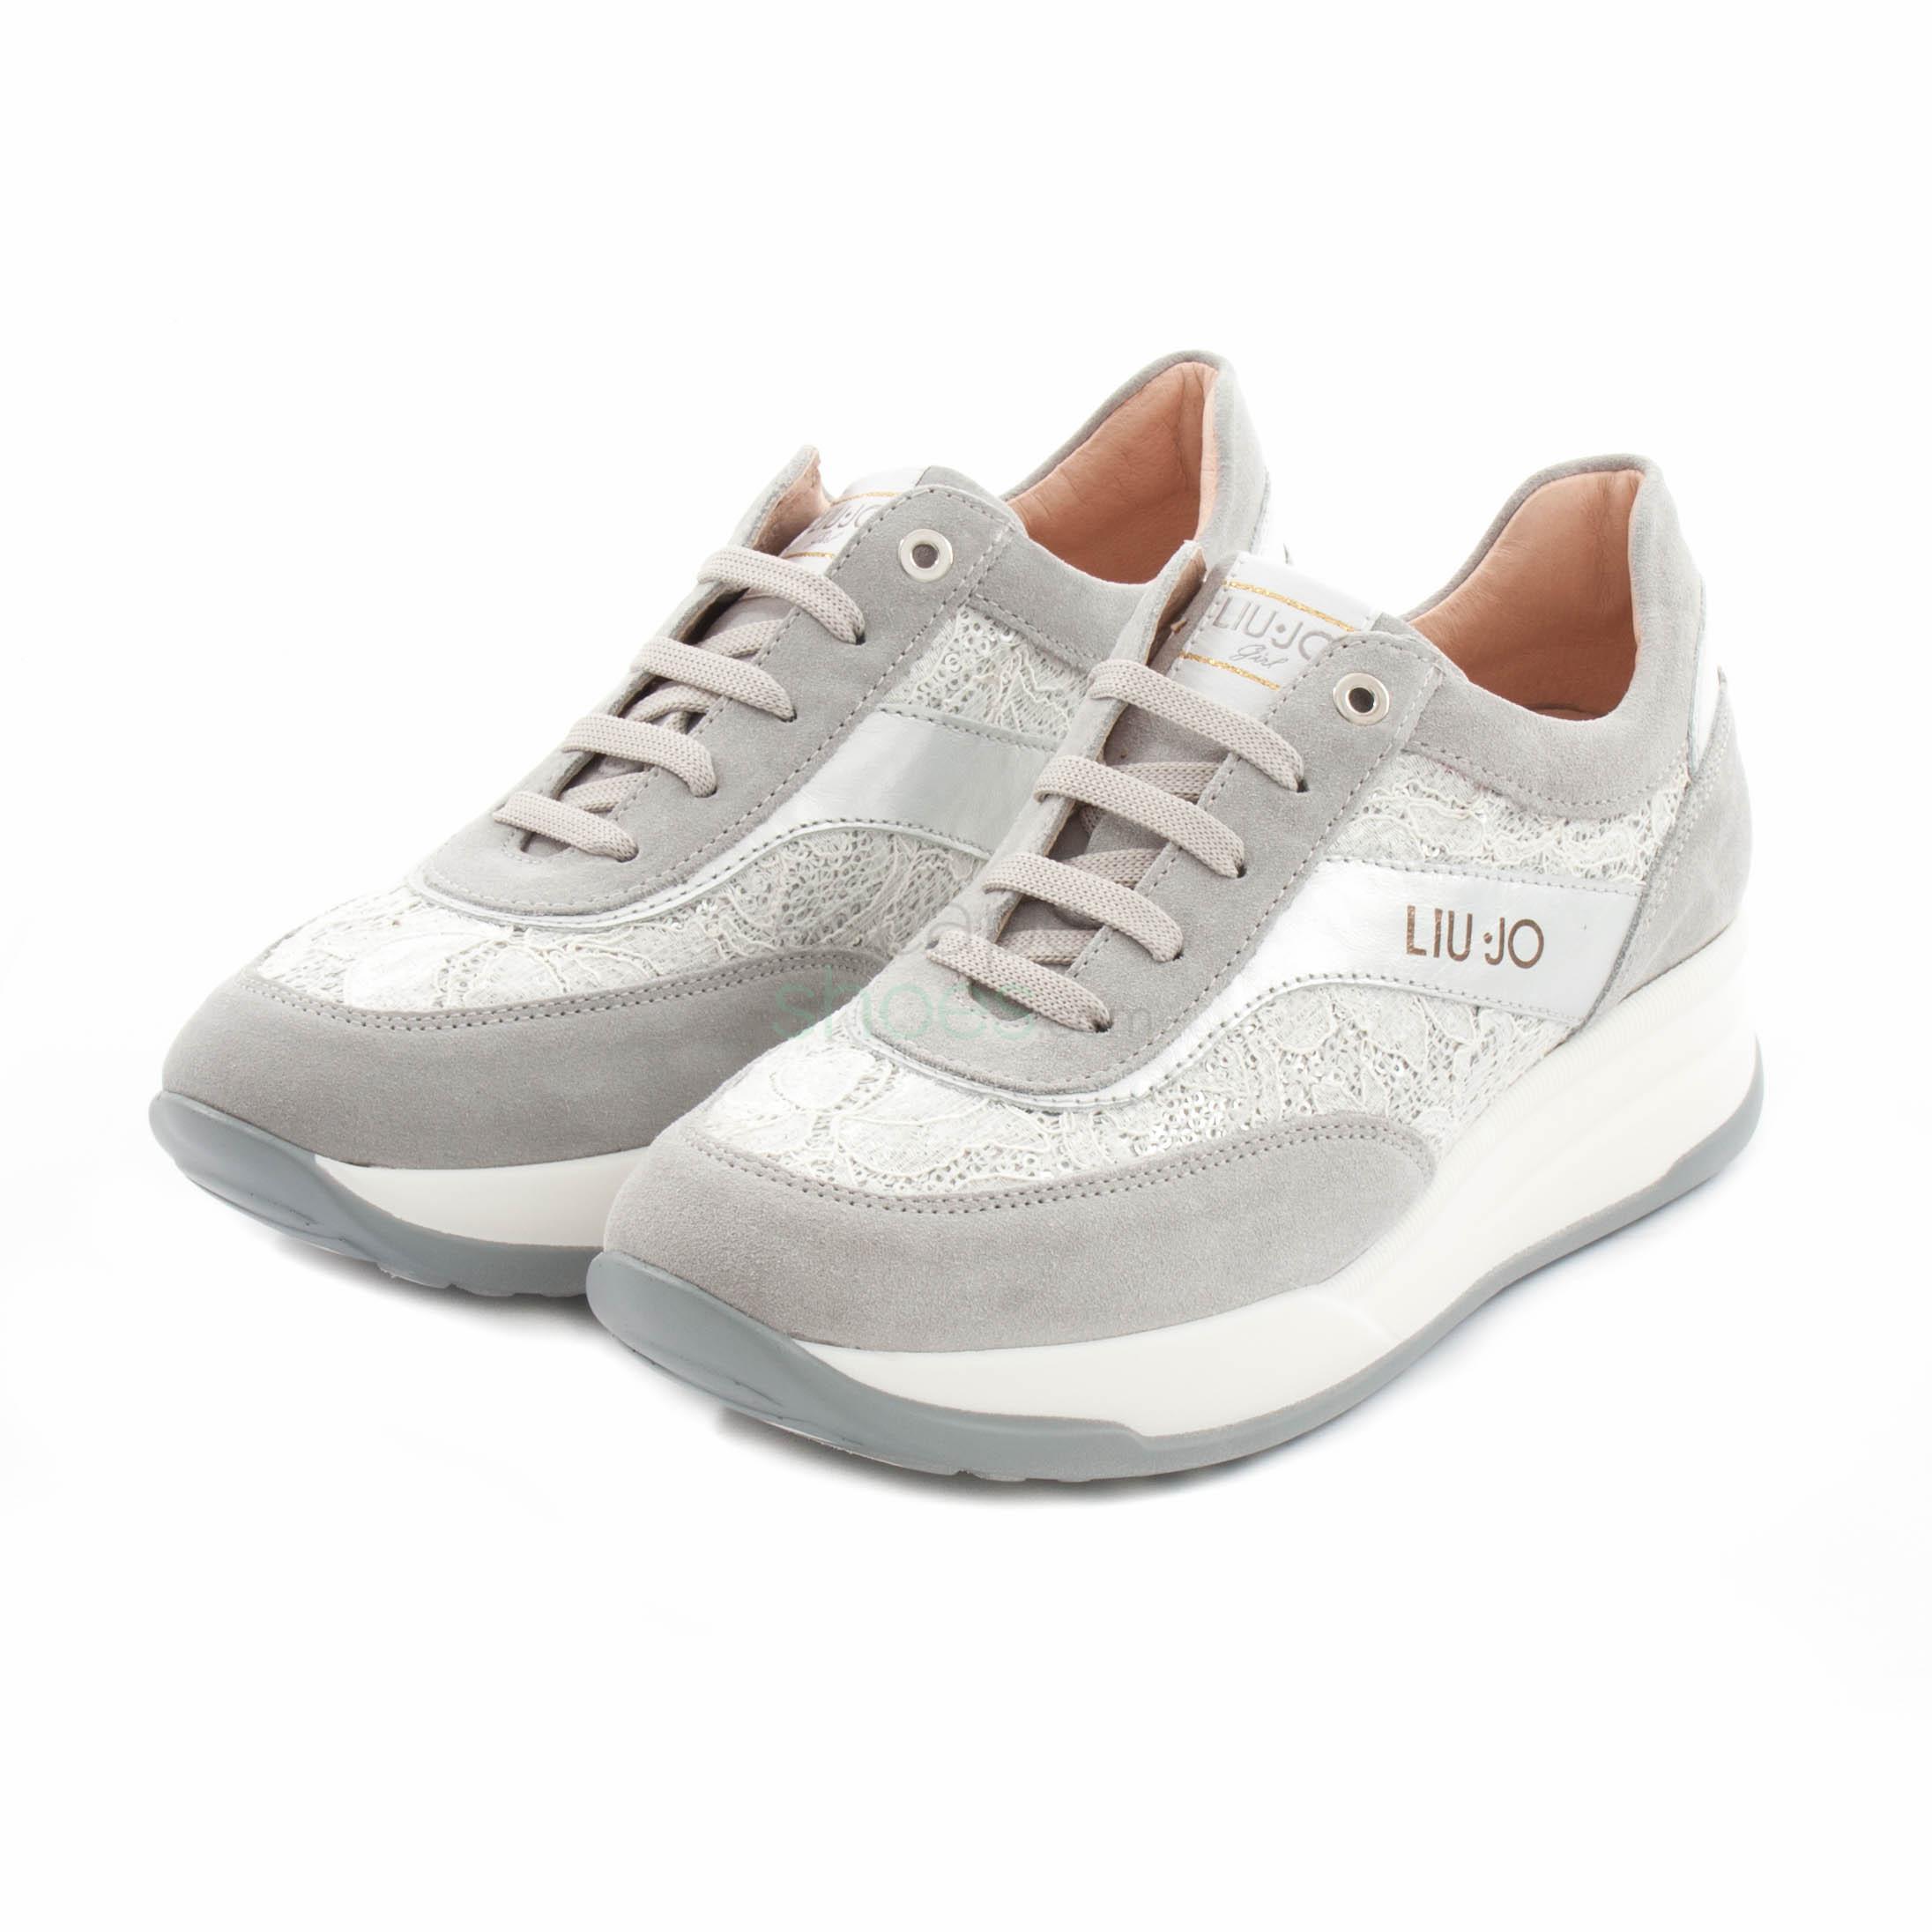 Polo Ocupar suspensión  Sneakers LIU JO Scarpa Stringa Grigio Argento L4A4-00346-0101X104